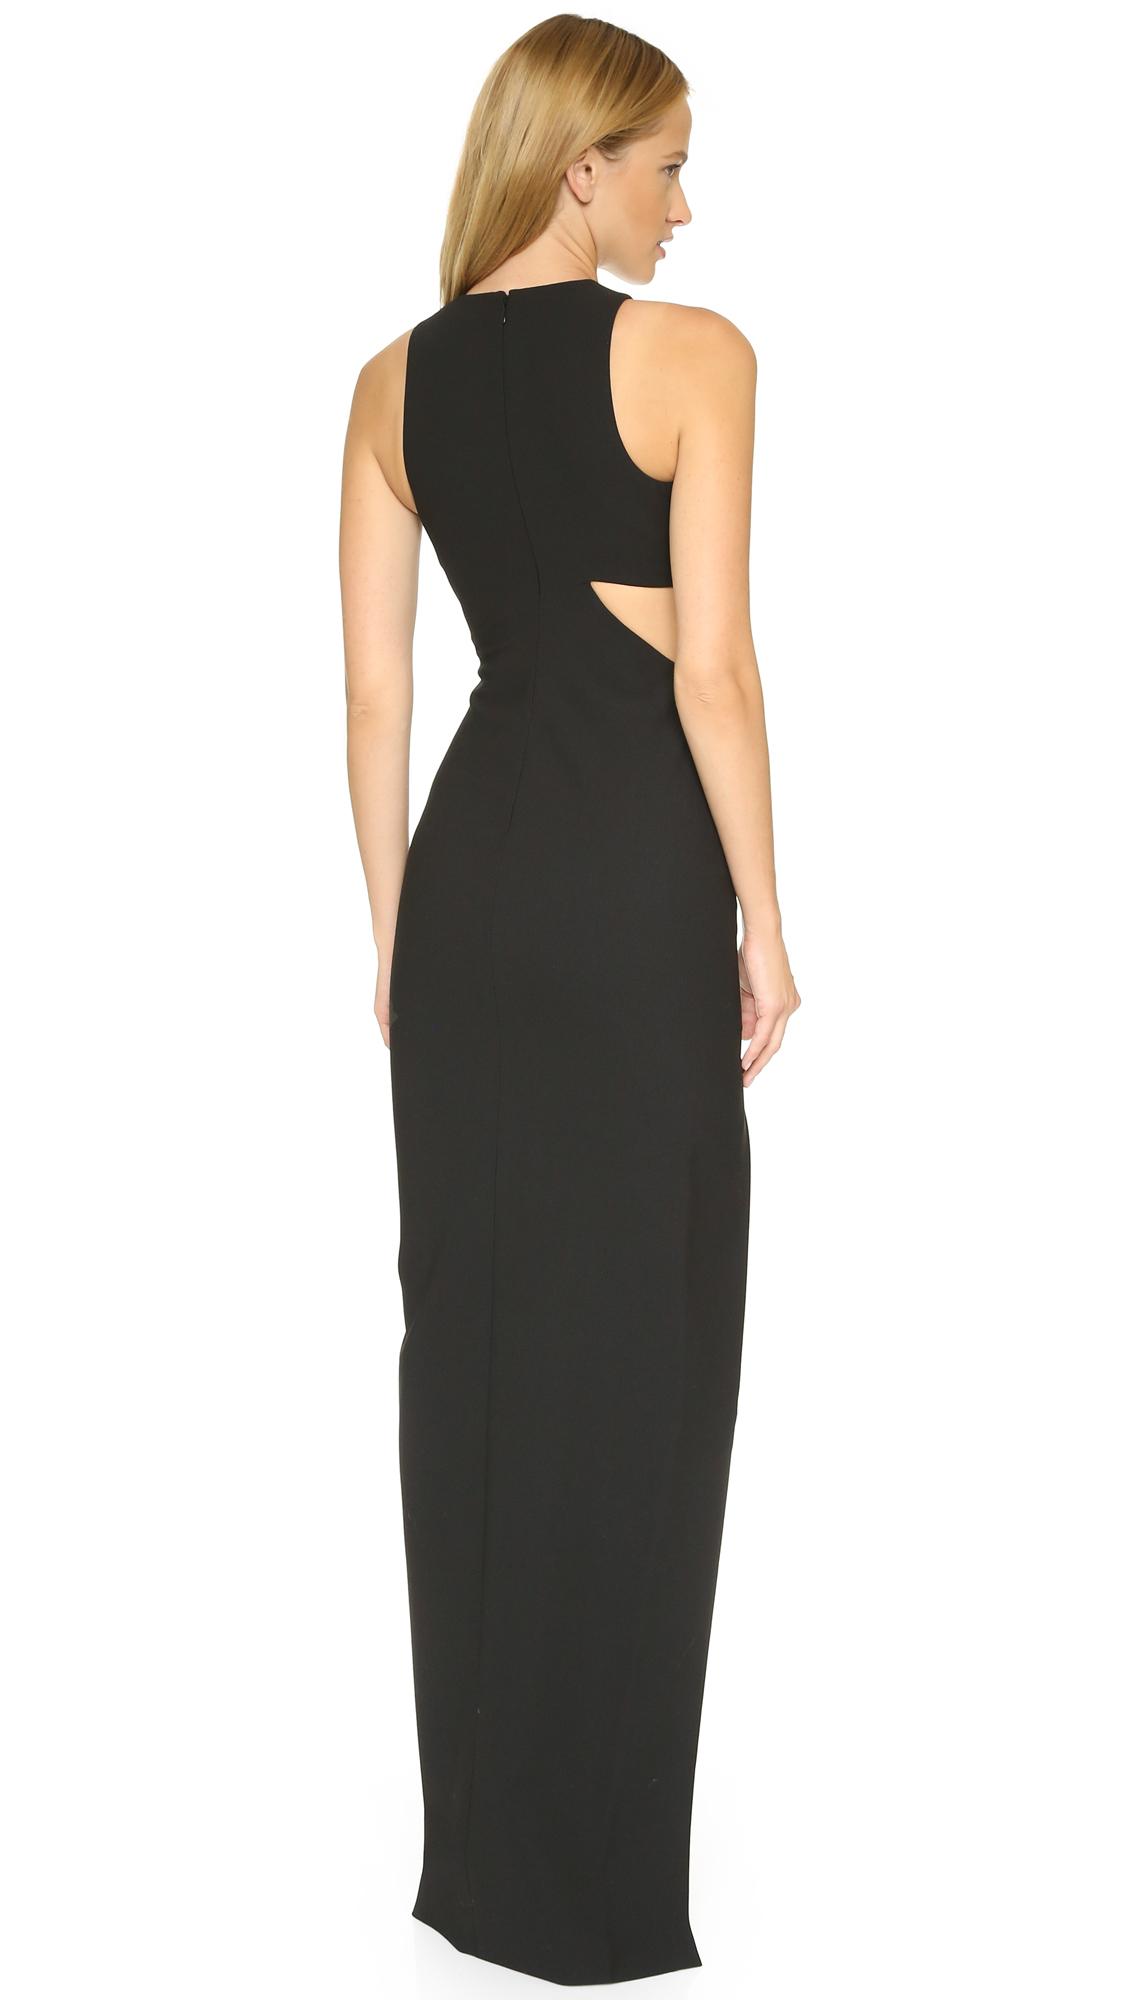 lyst elizabeth and james long guilia dress black in black. Black Bedroom Furniture Sets. Home Design Ideas